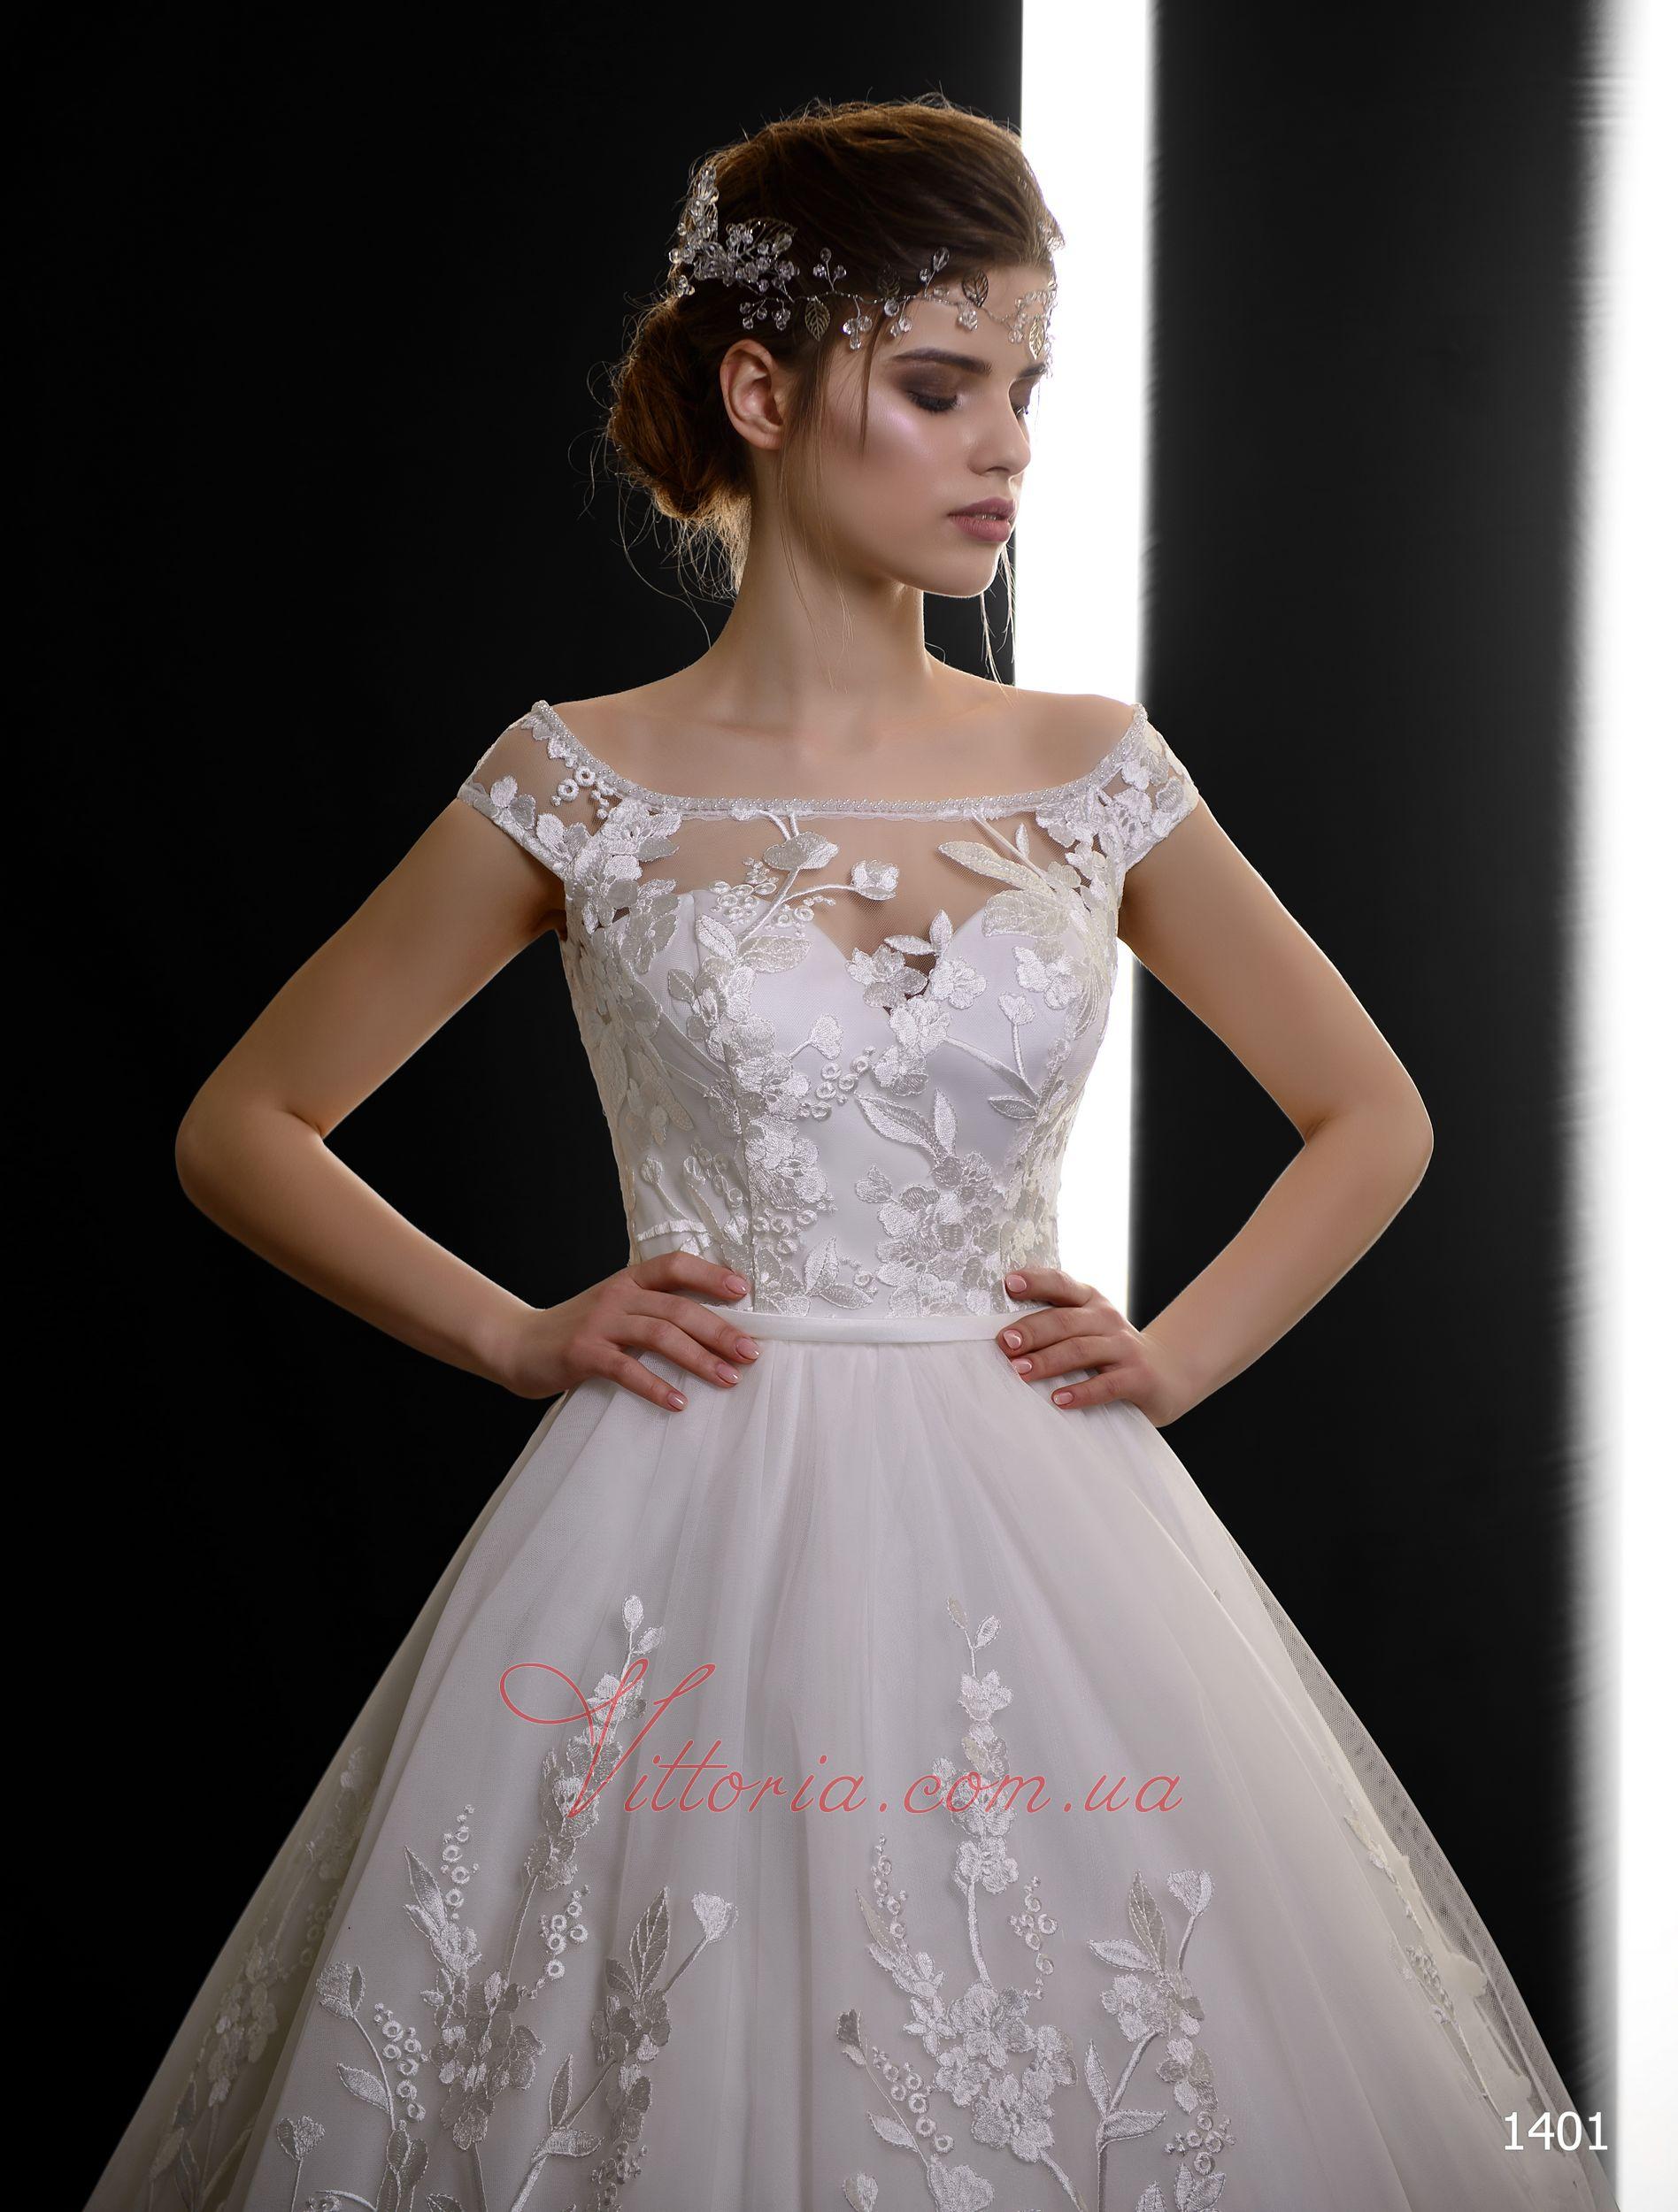 Свадебное платье Модель 1401